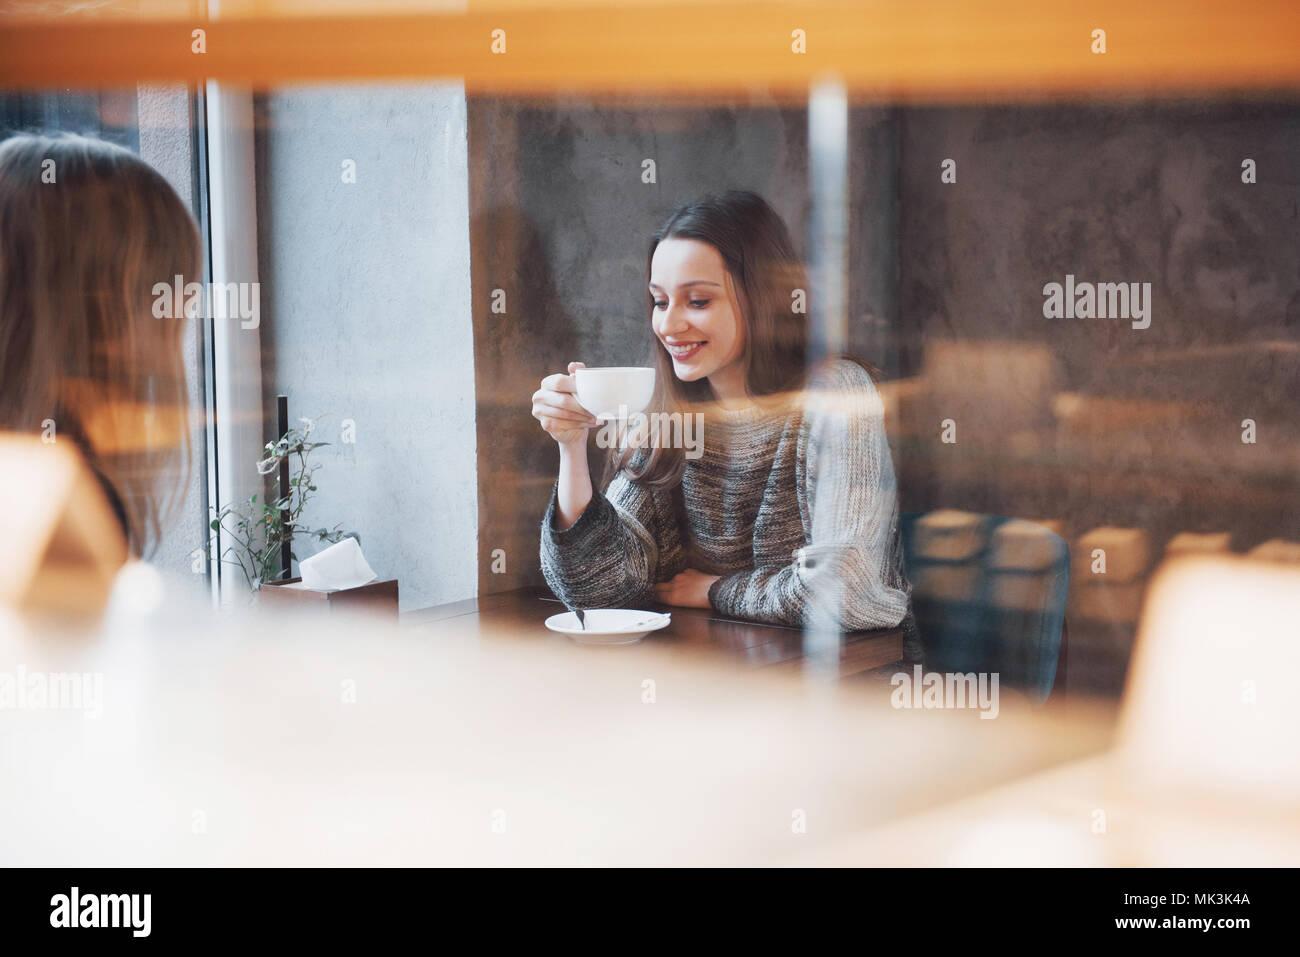 Zwei Freunde Kaffee zusammen in einem Café, als sie an einem Tisch sitzen plaudernd Stockbild